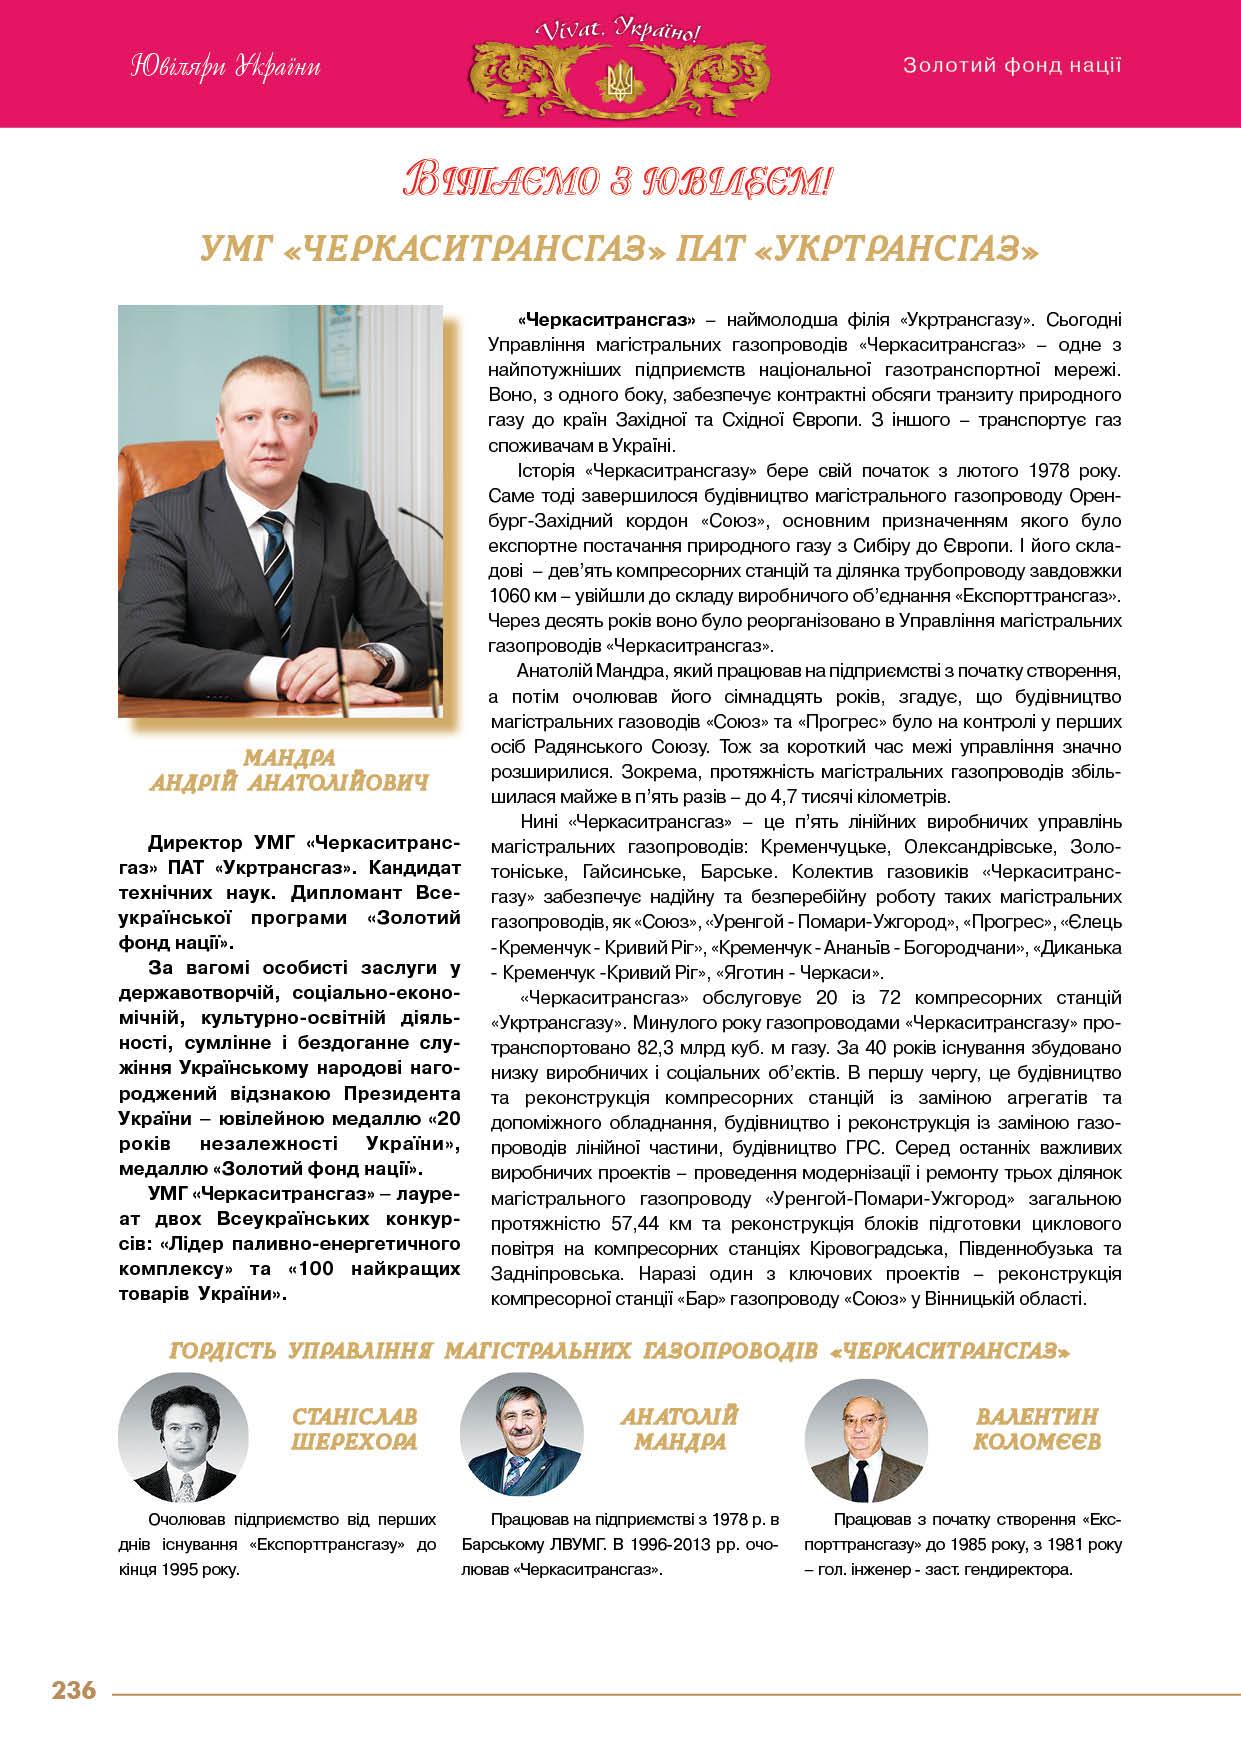 Мандра Андрій Анатолійович